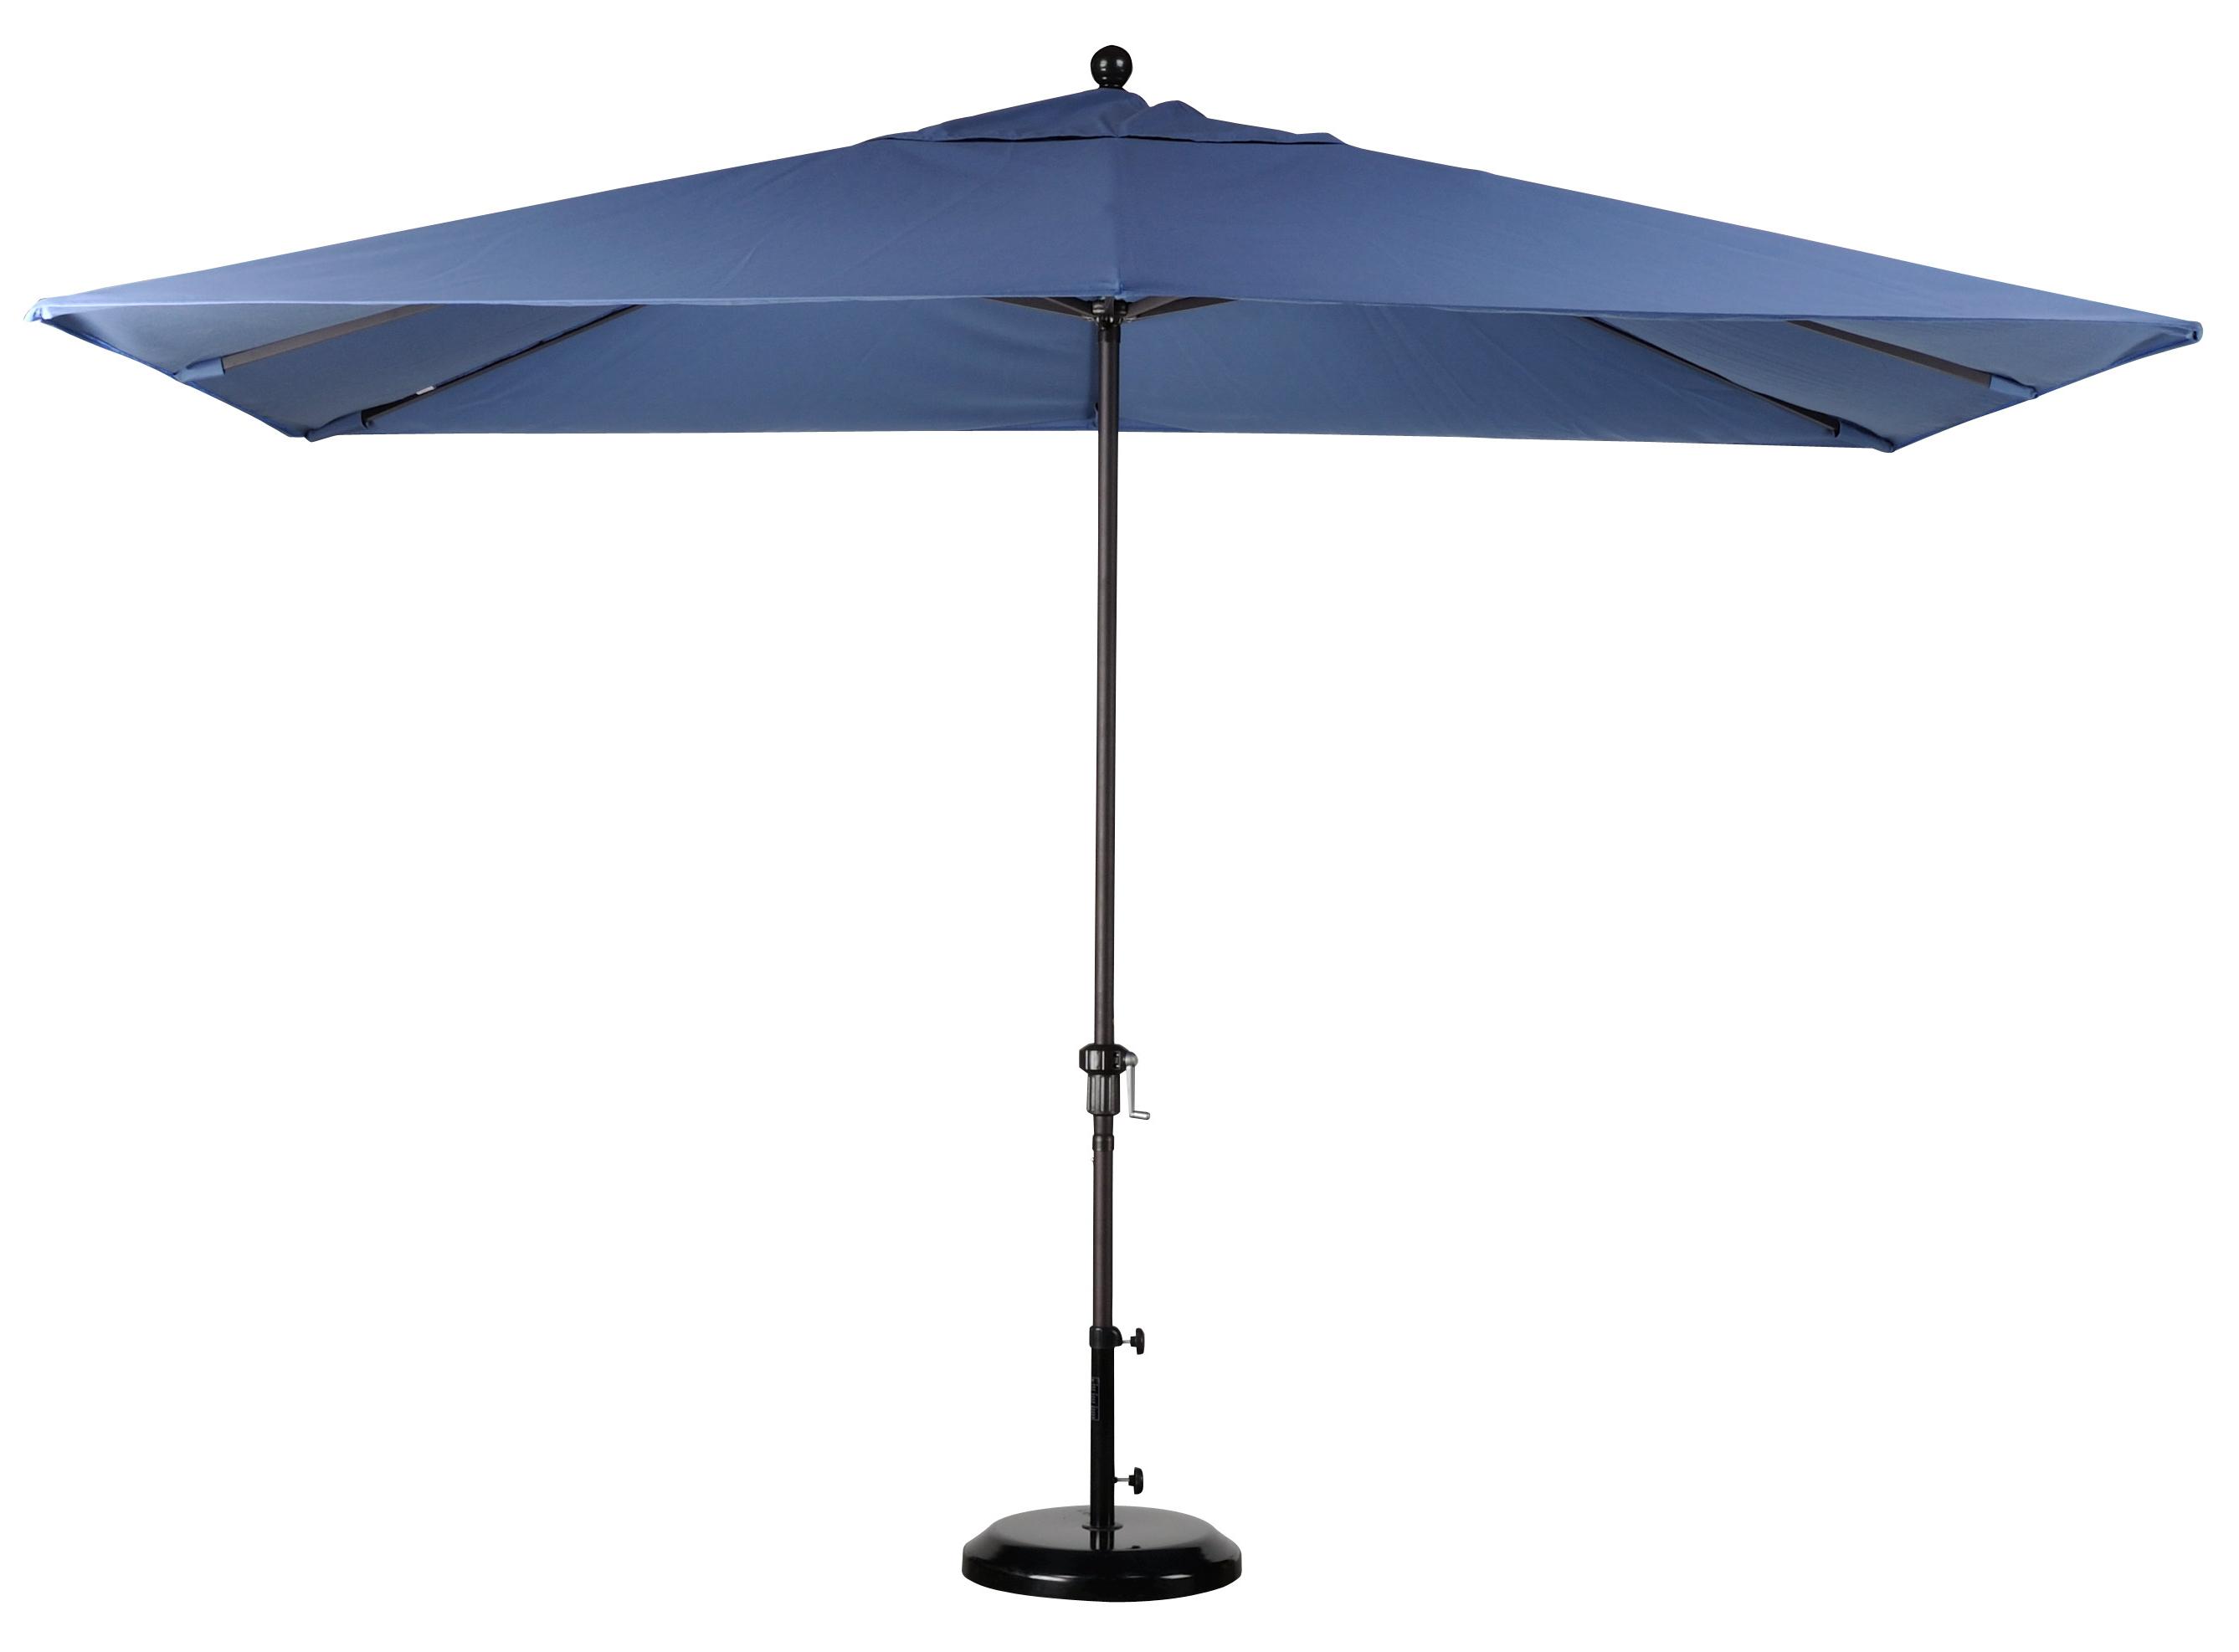 Mald Square Cantilever Umbrellas Regarding Latest Square And Retangular Umbrellas (View 4 of 20)